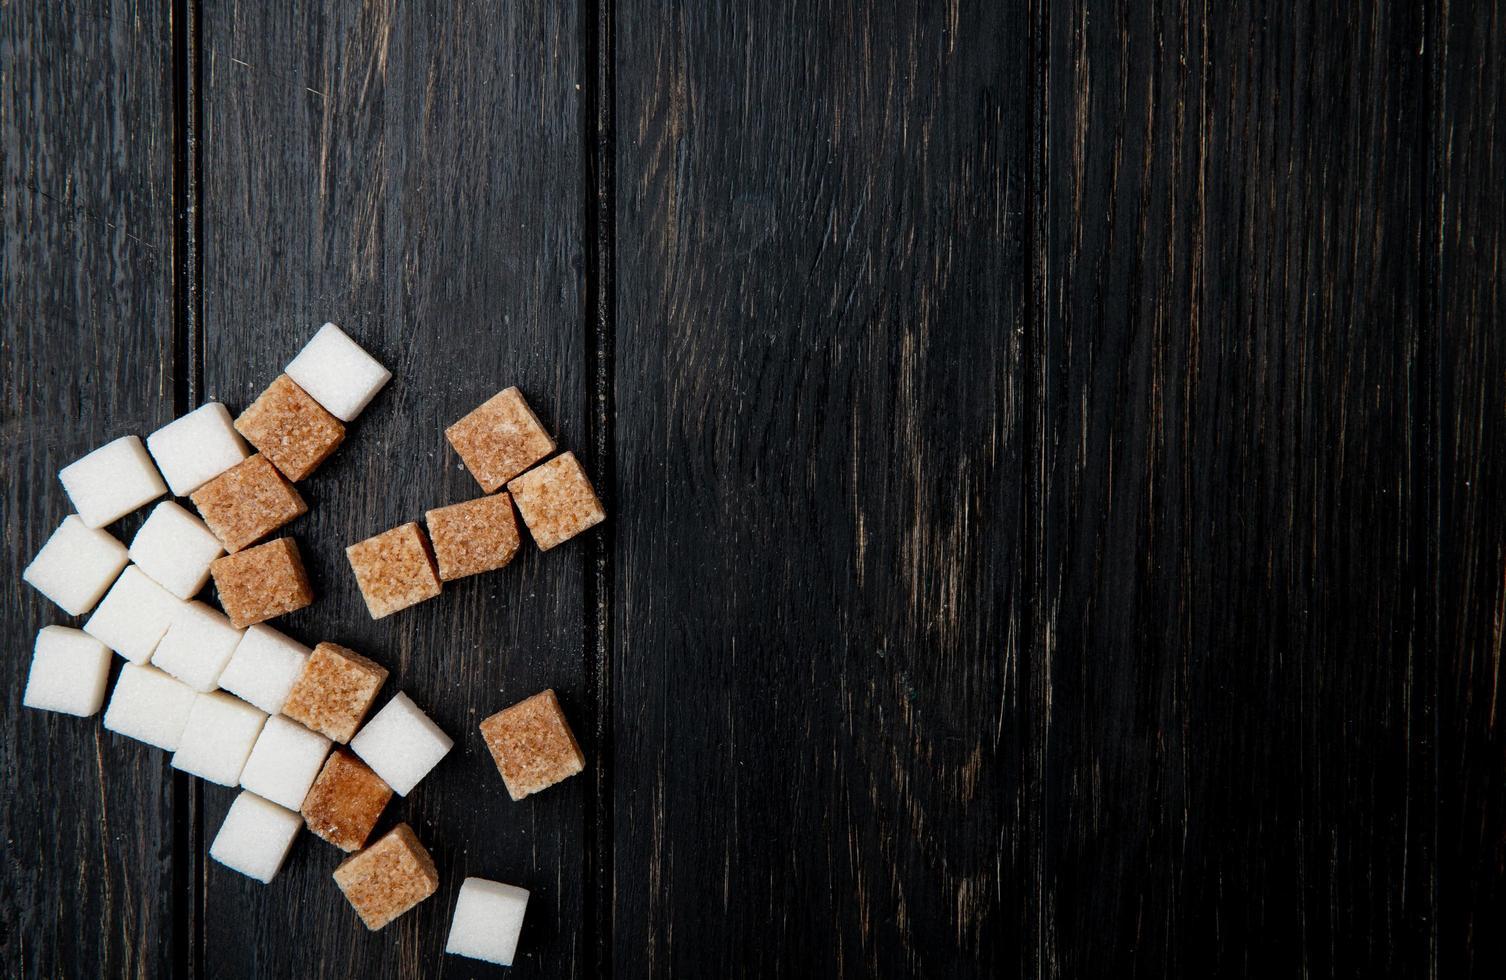 bovenaanzicht van witte en bruine suikerklontjes verspreid over donkere houten achtergrond met kopie ruimte foto